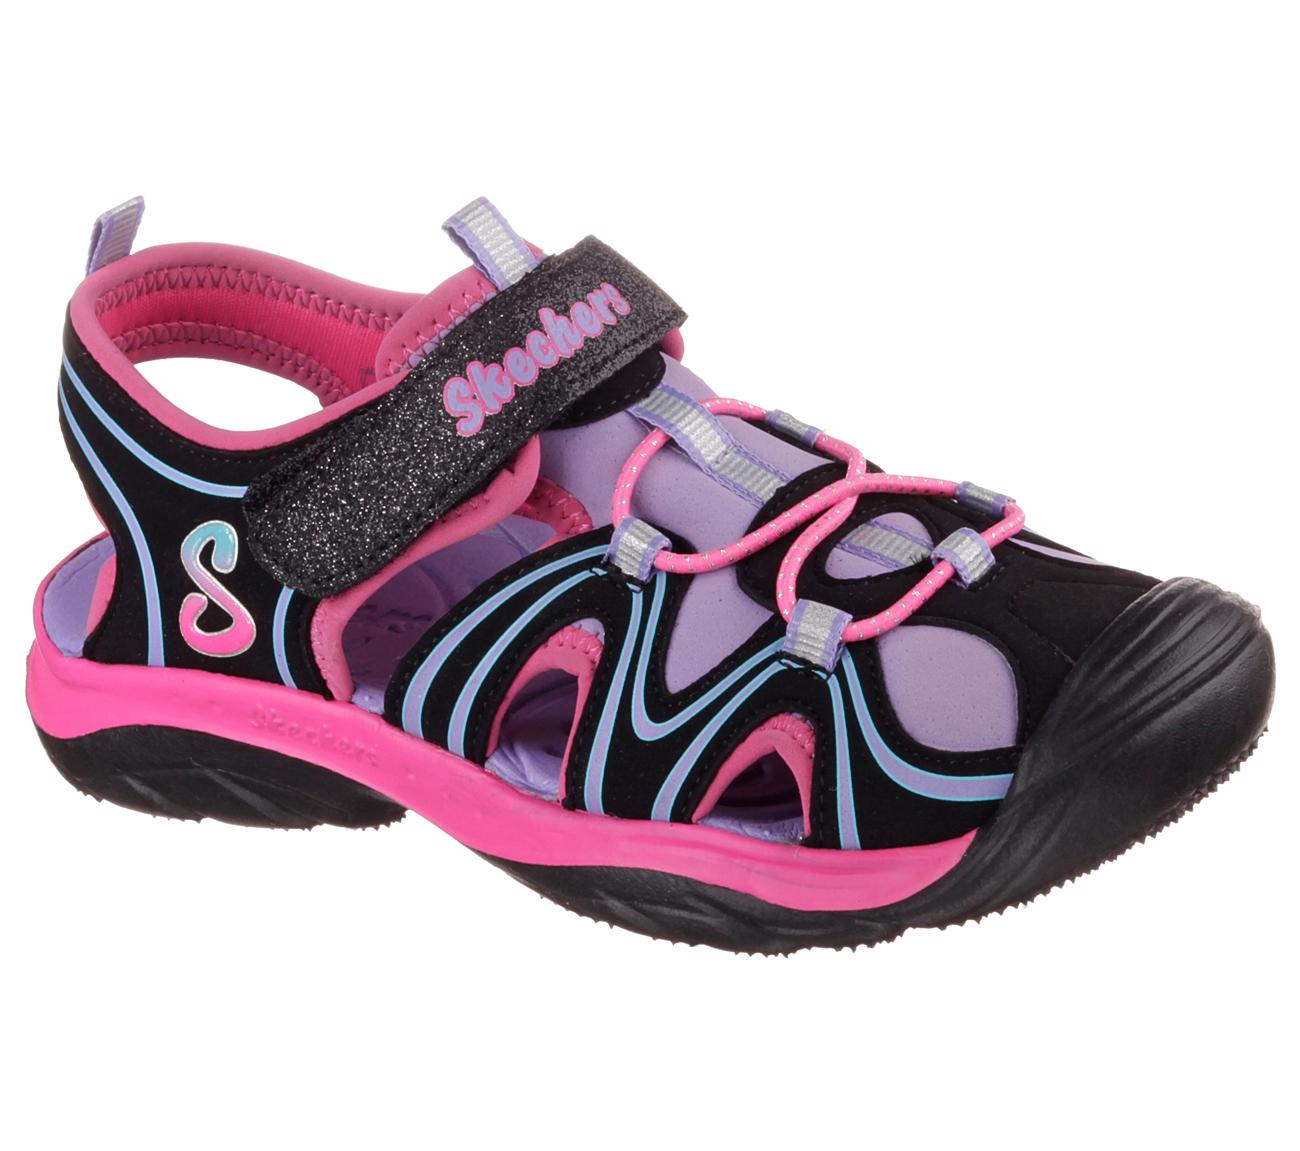 Buy Skechers Cape Cod Water Wonderscomfort Sandals Shoes